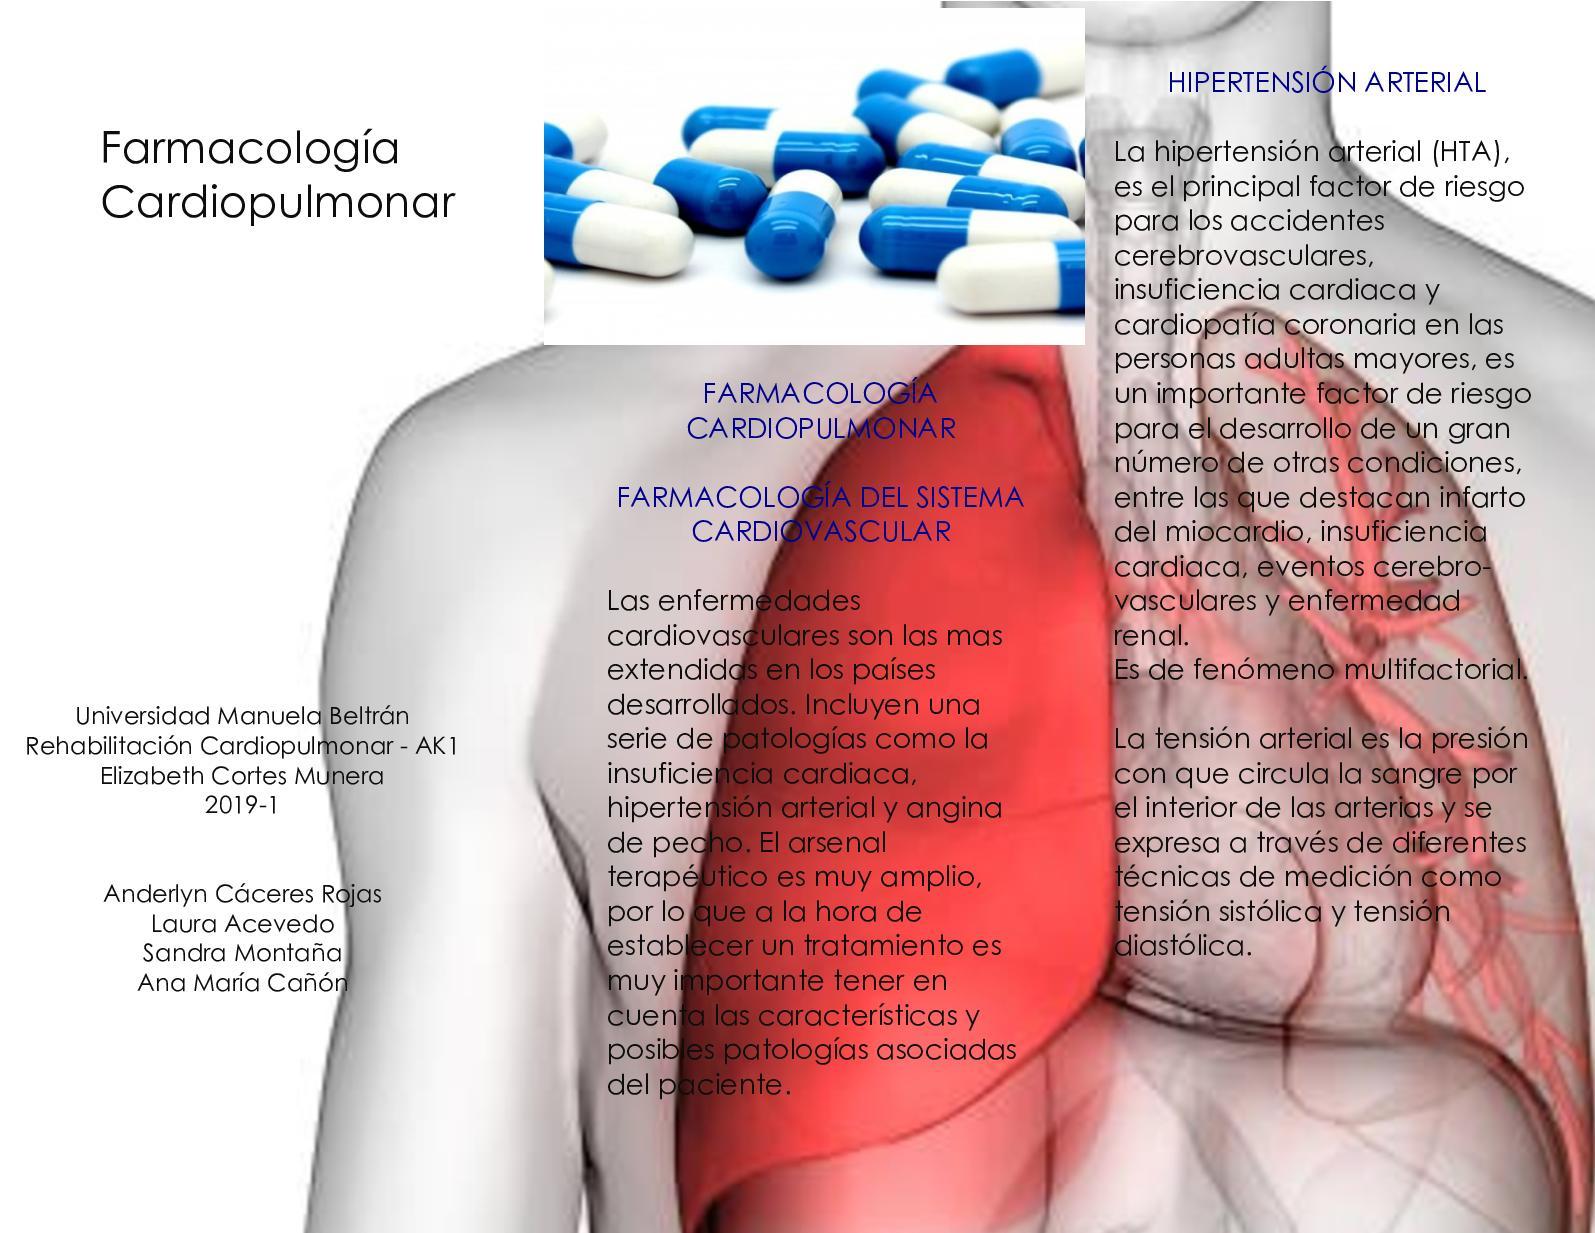 Diuréticos hormonales para la hipertensión